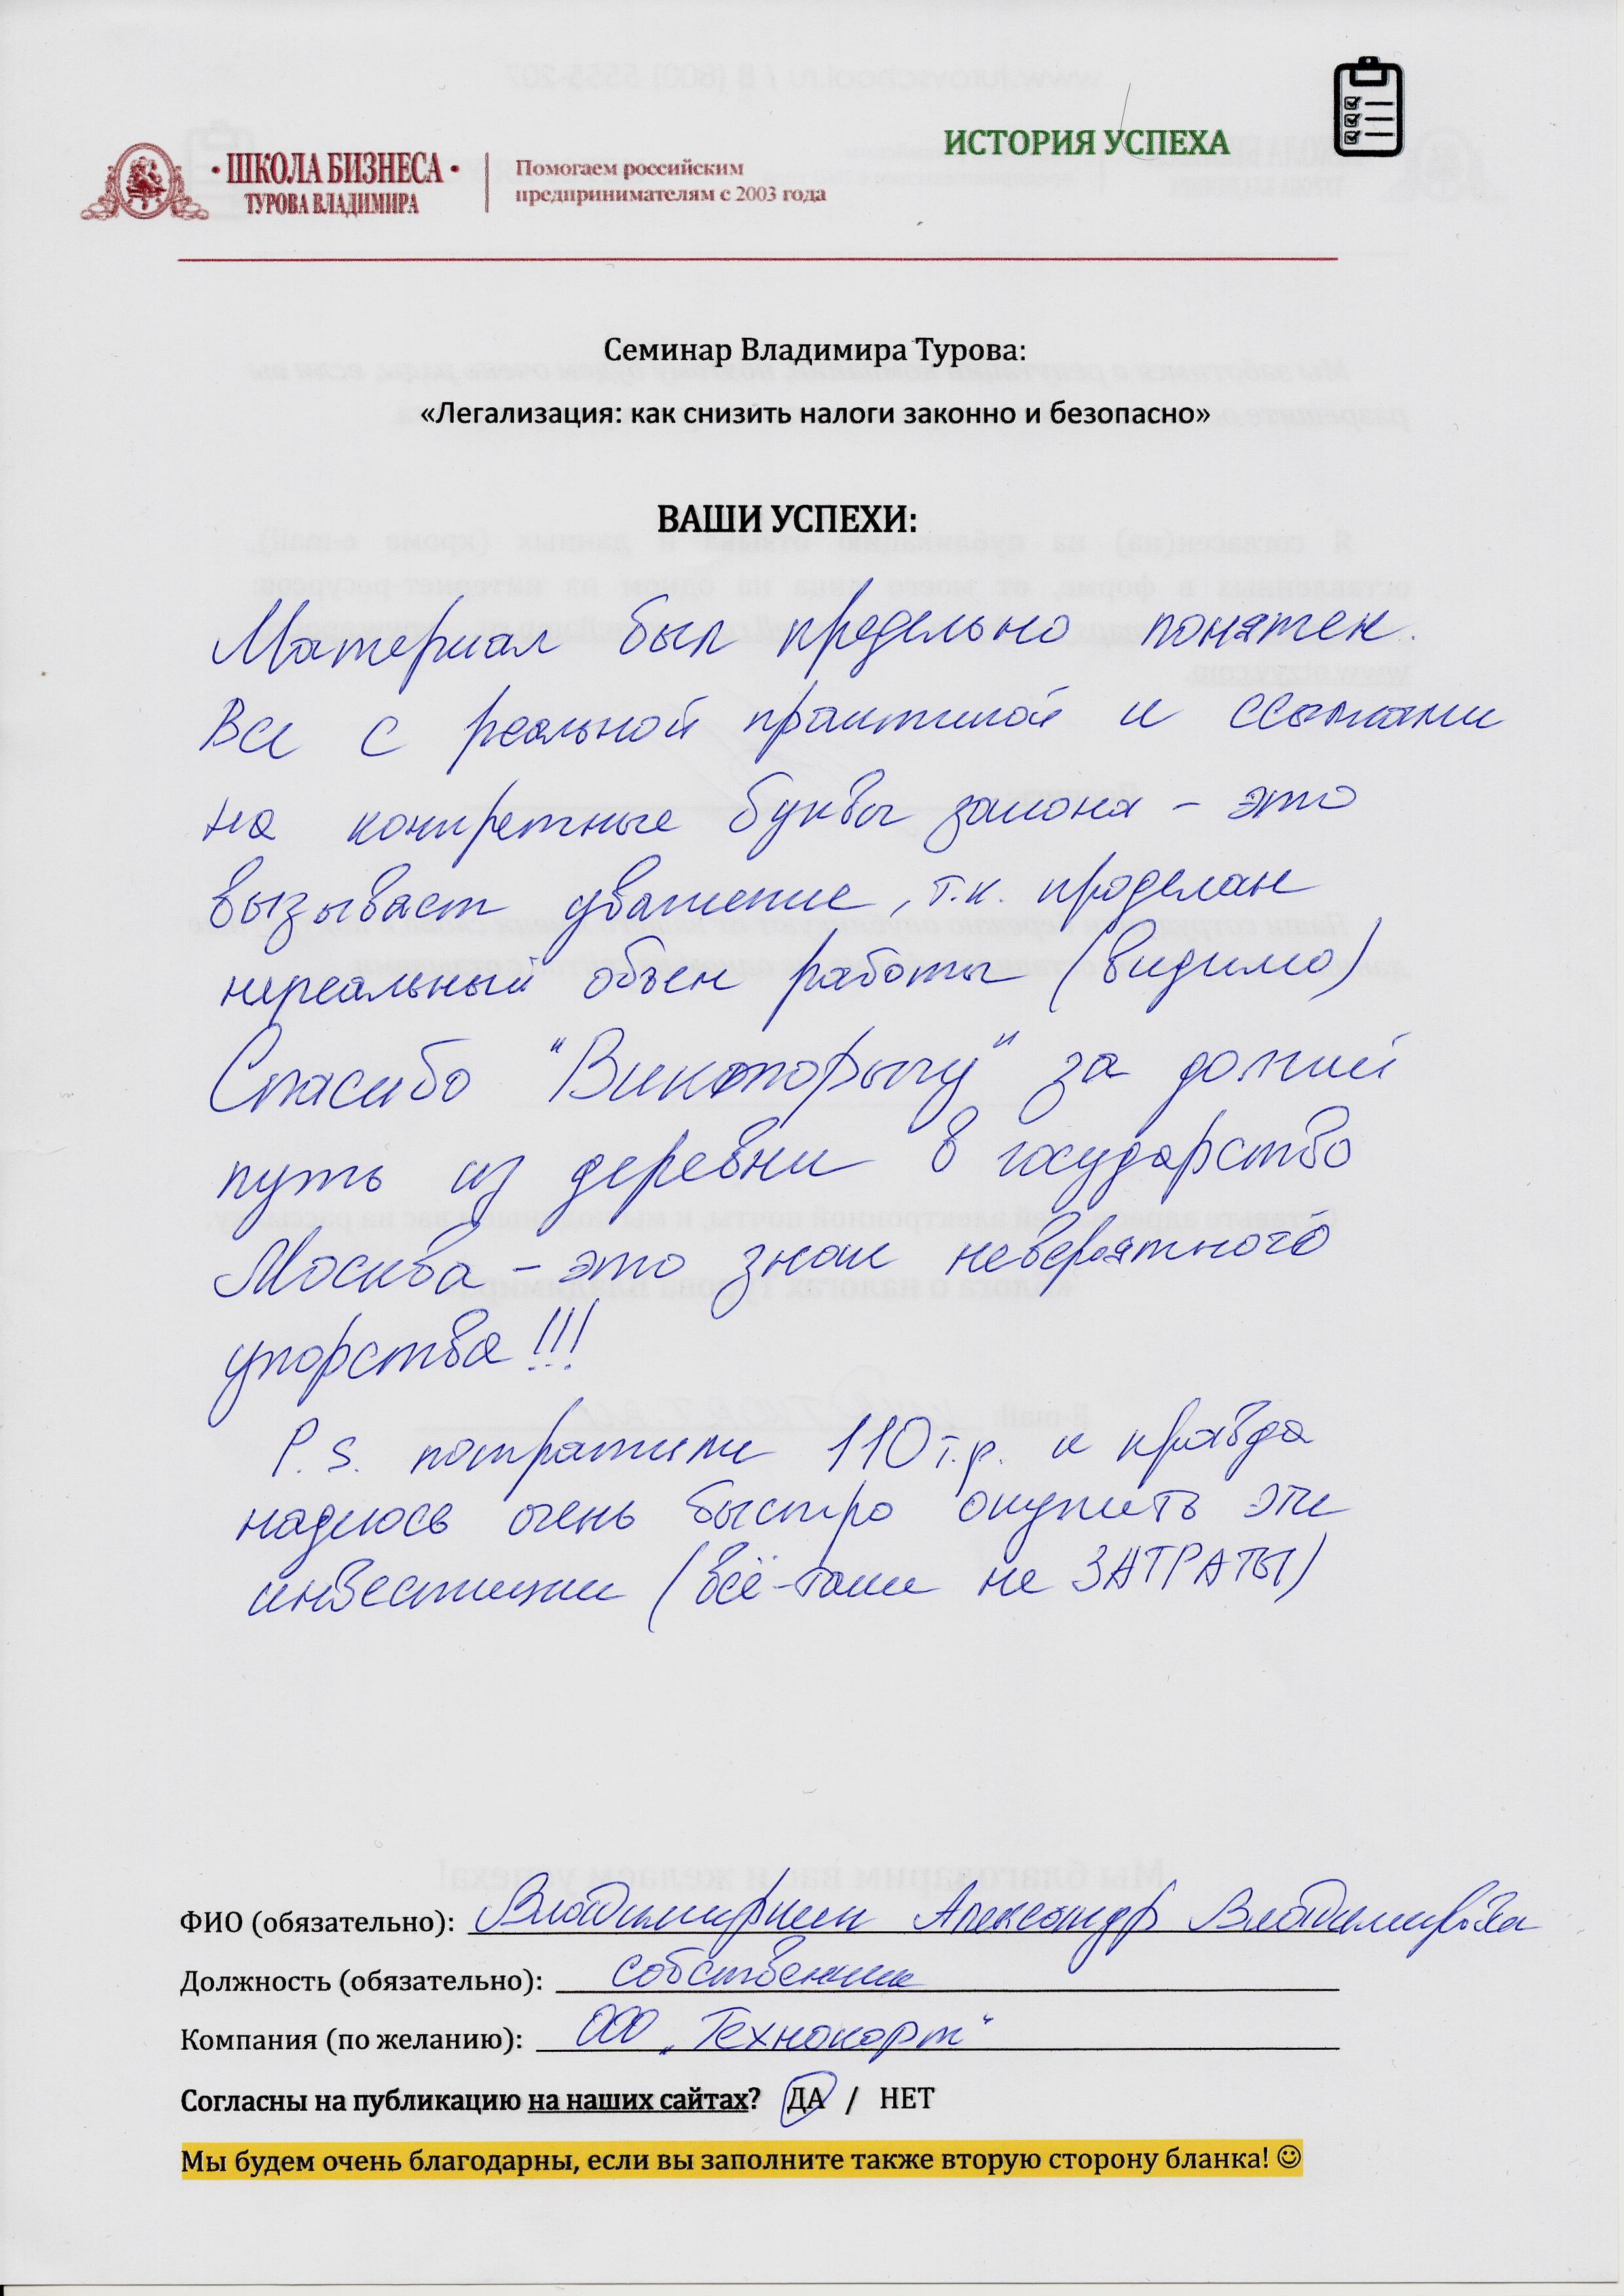 «Обрушение» банков в Татарстане: как спасти активы?